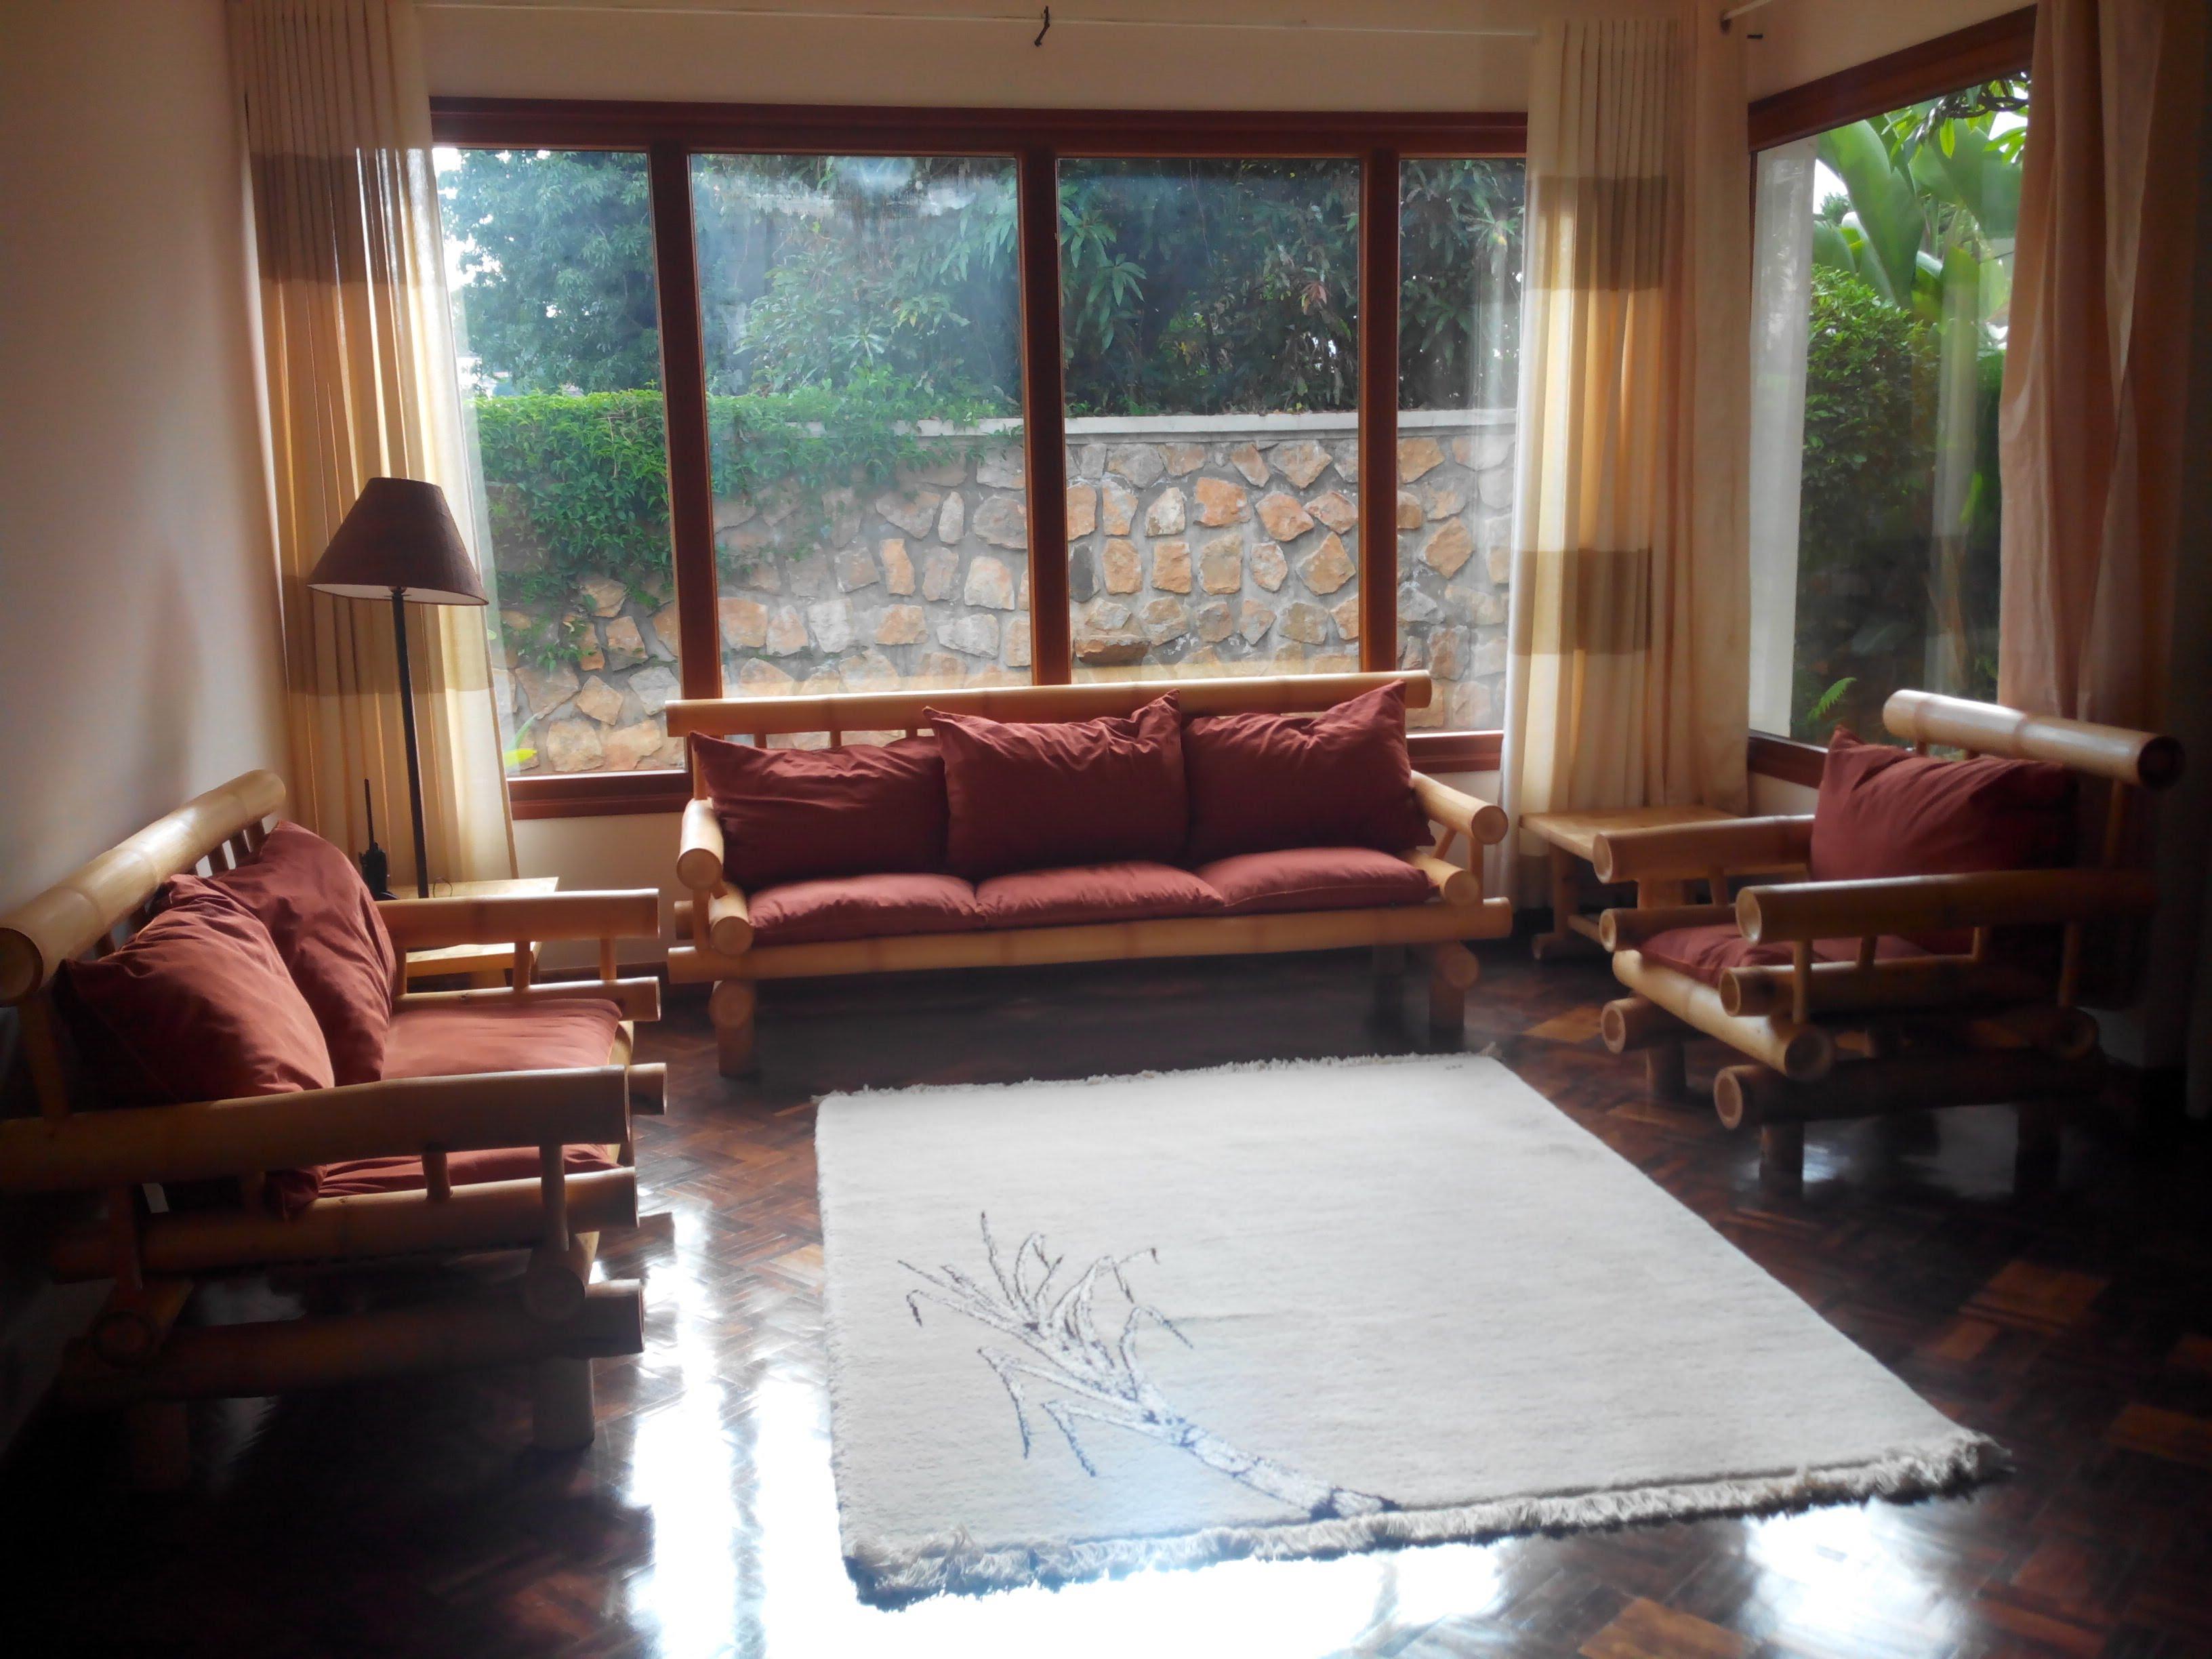 salon en bambou awesome housse de coussin pour salon de jardin exterieur with salon en bambou. Black Bedroom Furniture Sets. Home Design Ideas